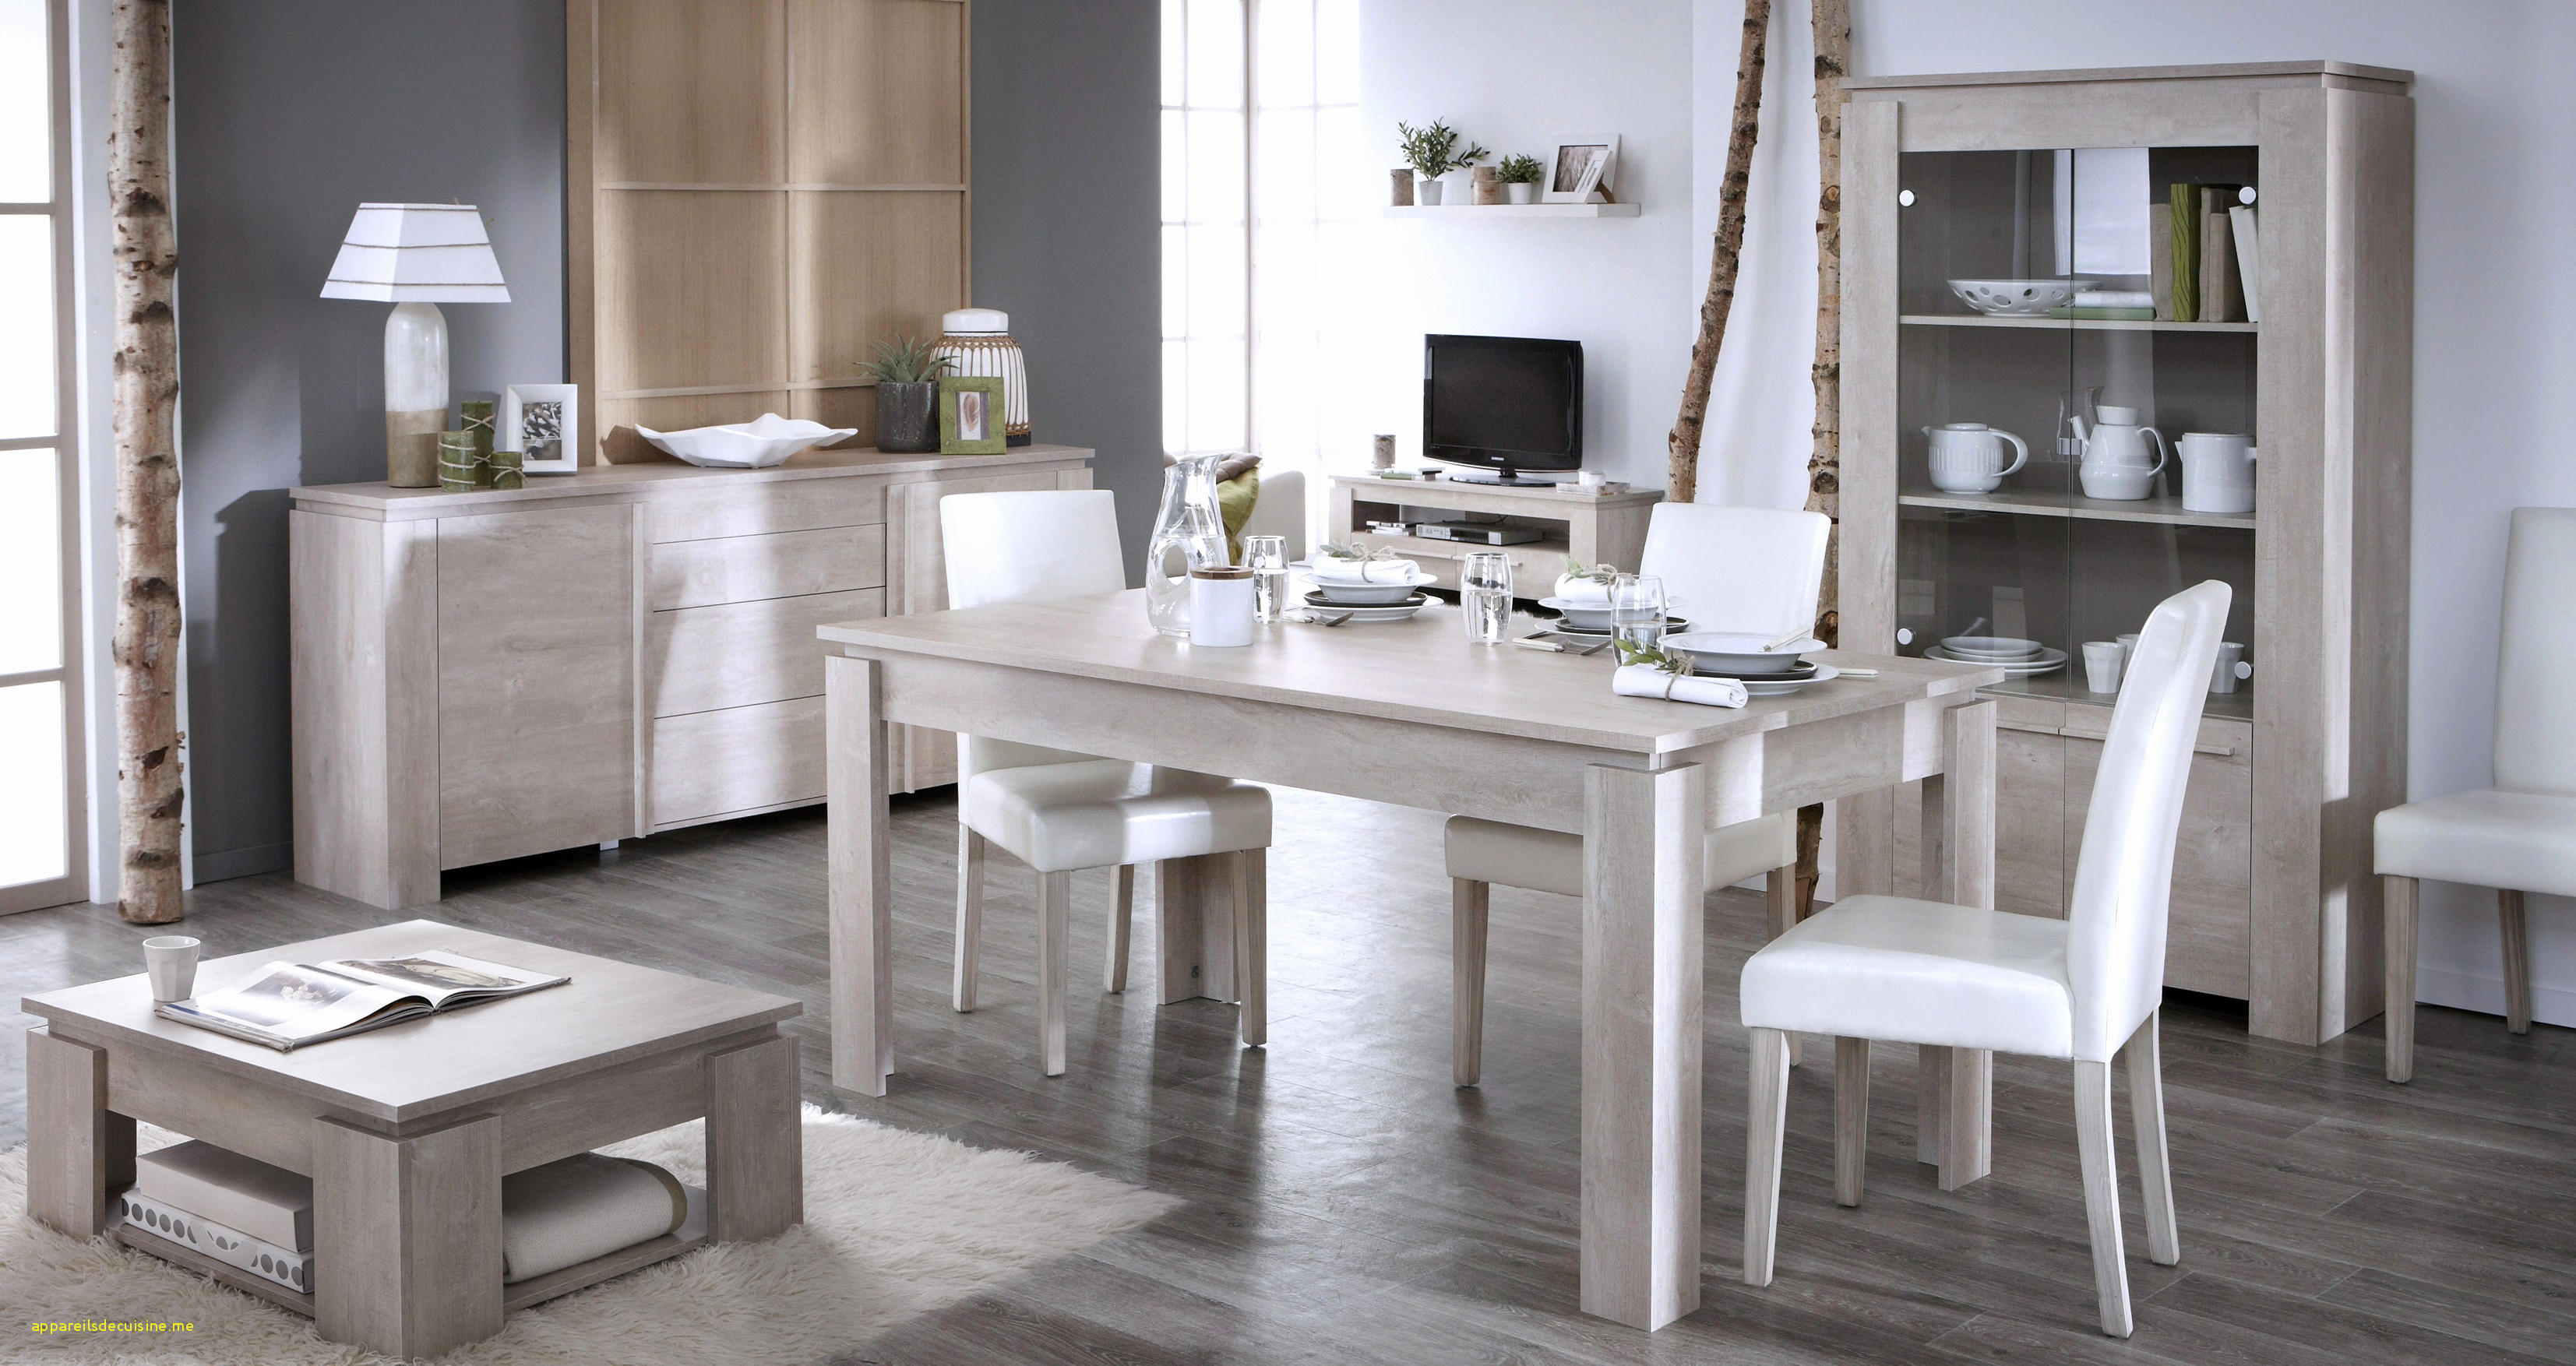 Table Salon Conforama Nouveau Photos Meubles De Salle De Bain Conforama Belle Résultat Supérieur Table